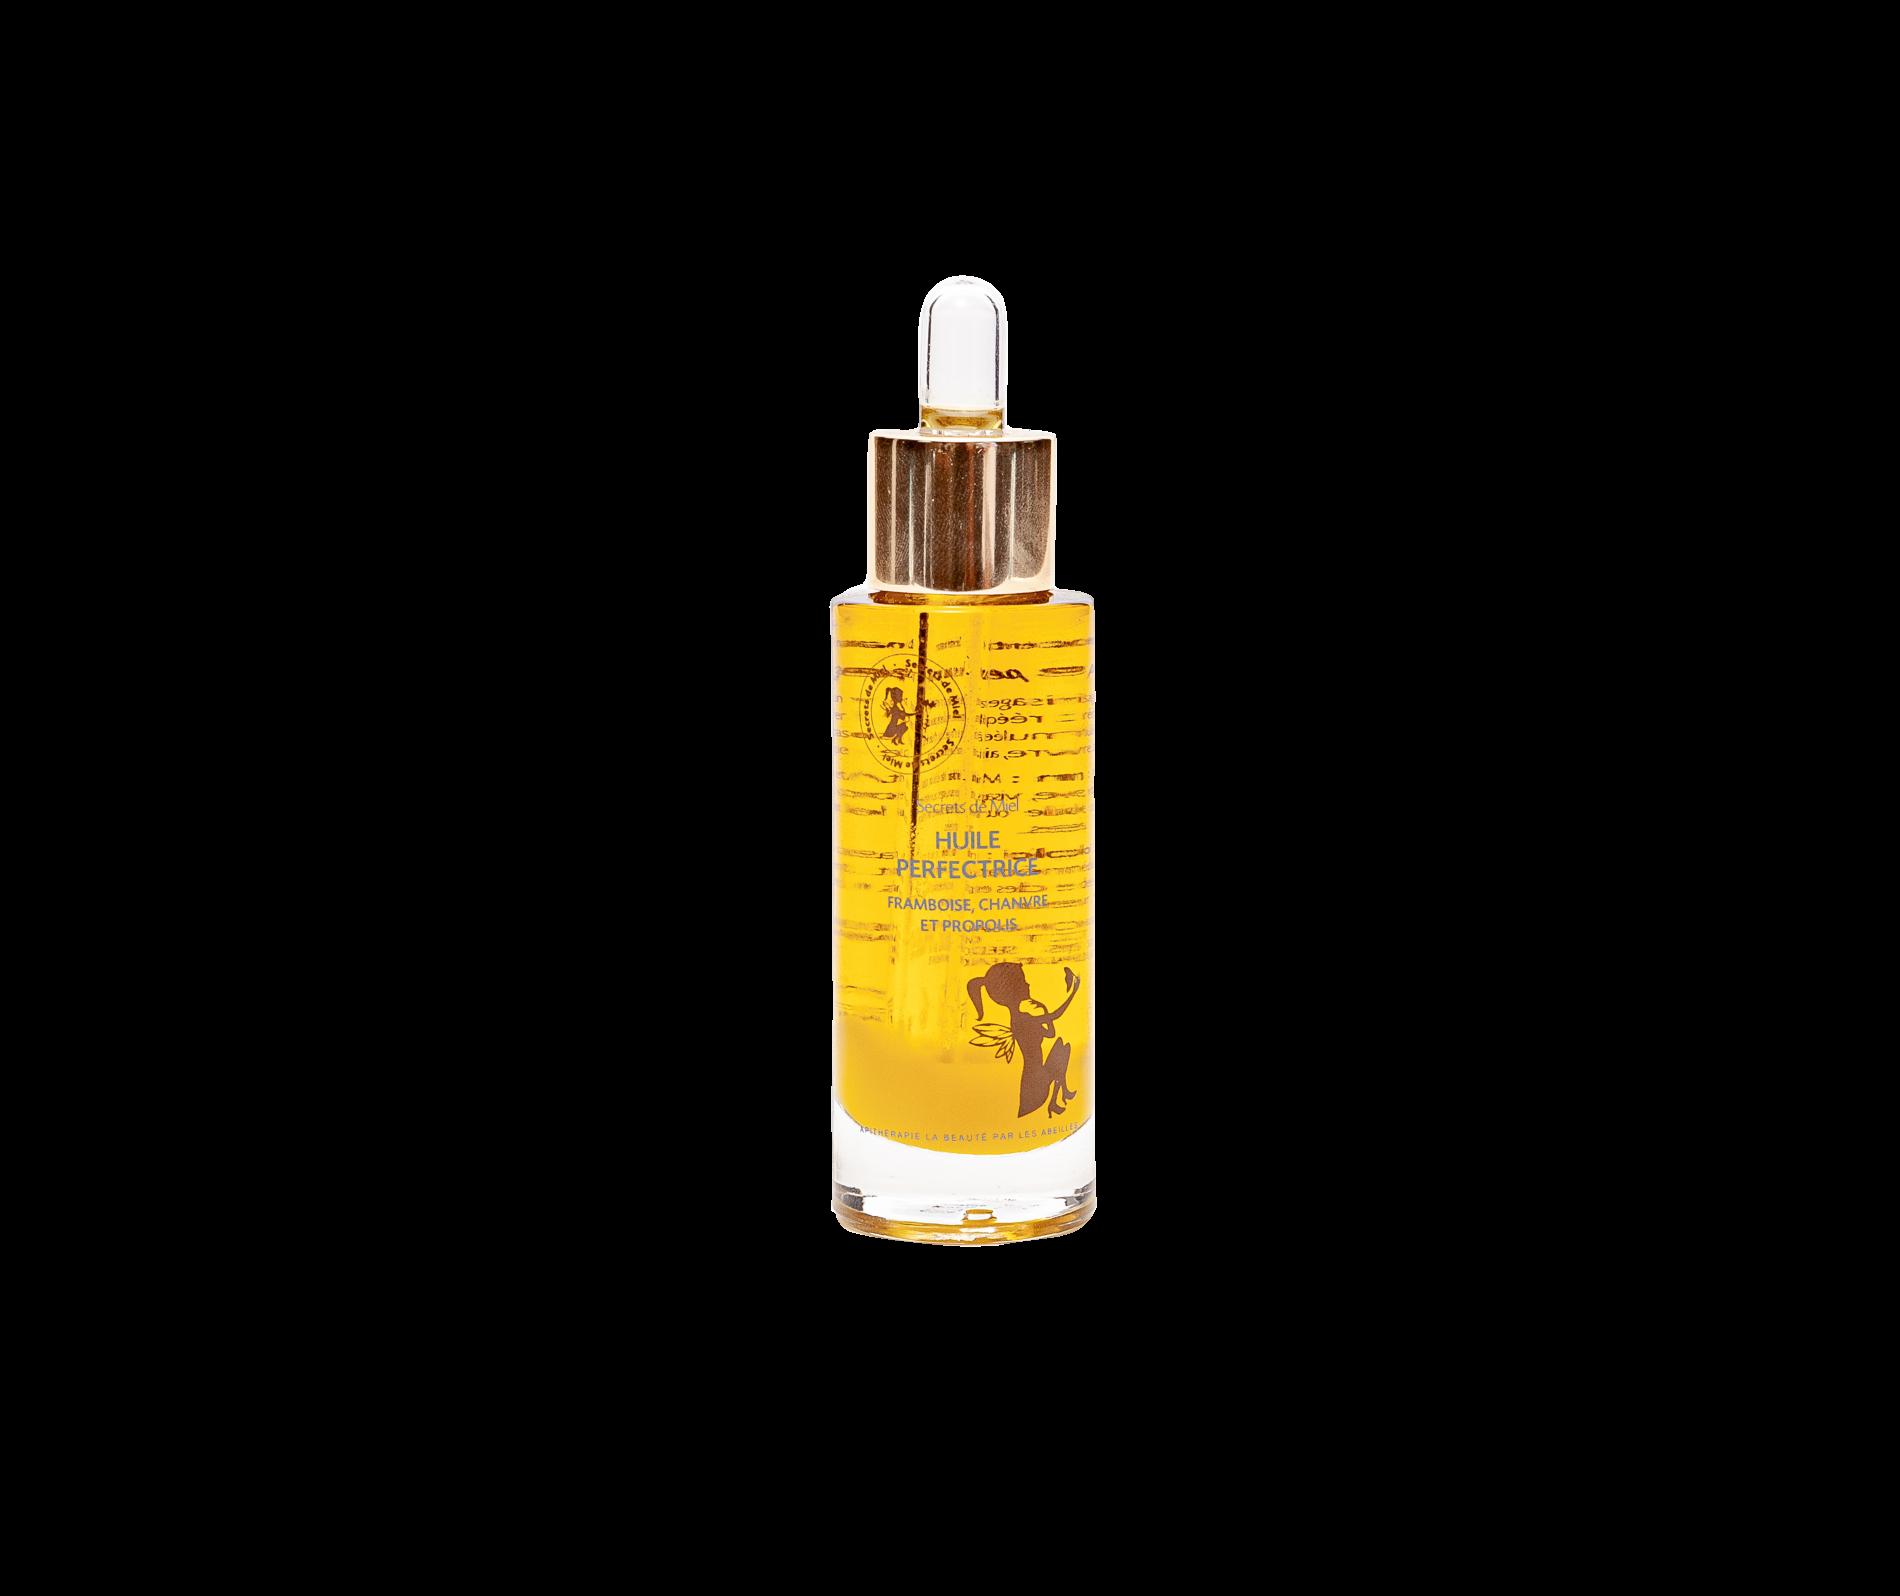 huile pour le visage - peaux mixtes, grasses, à imperfections - peaux sensibles - soin de jour - soin de nuit - apithérapie - formule naturelle - 100% naturel - Made in France